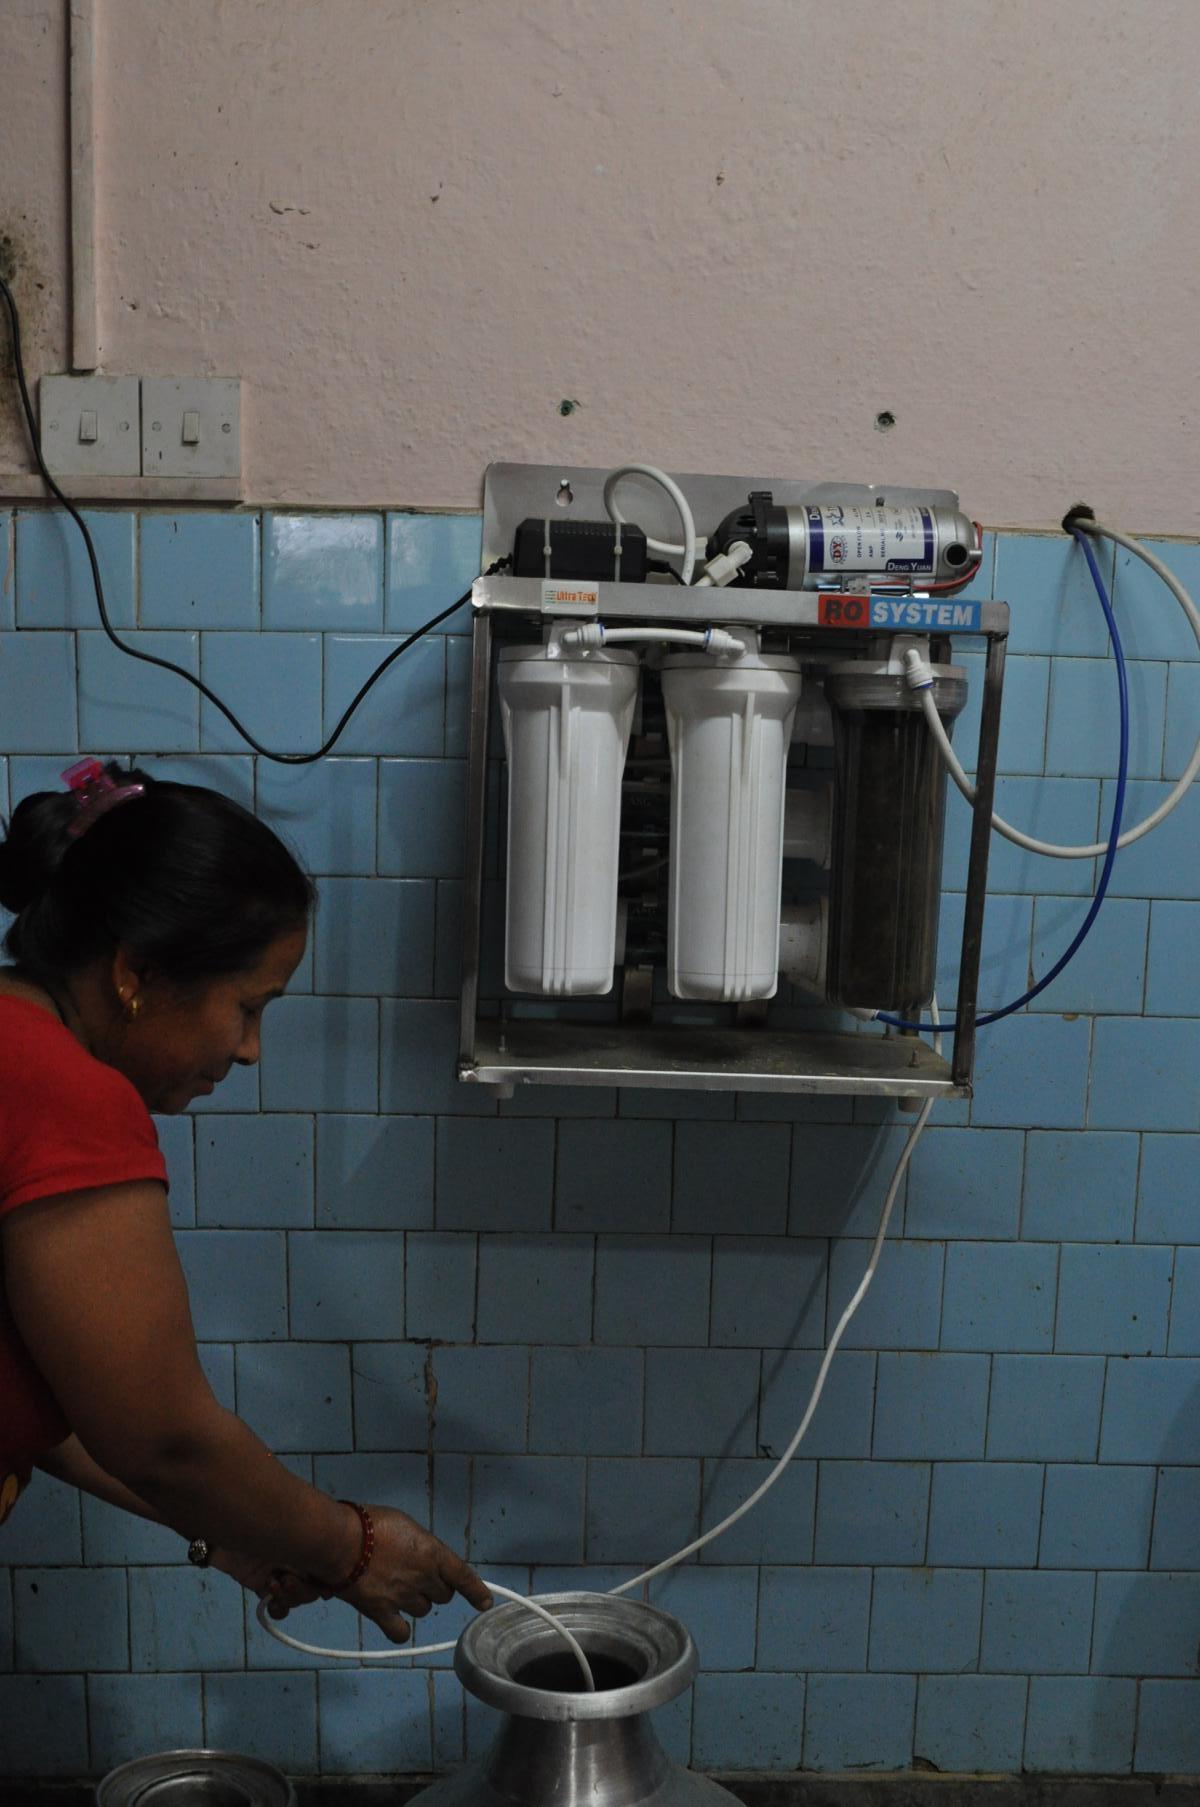 Hochleistungsfilter für das Trinkwasser in der Küche